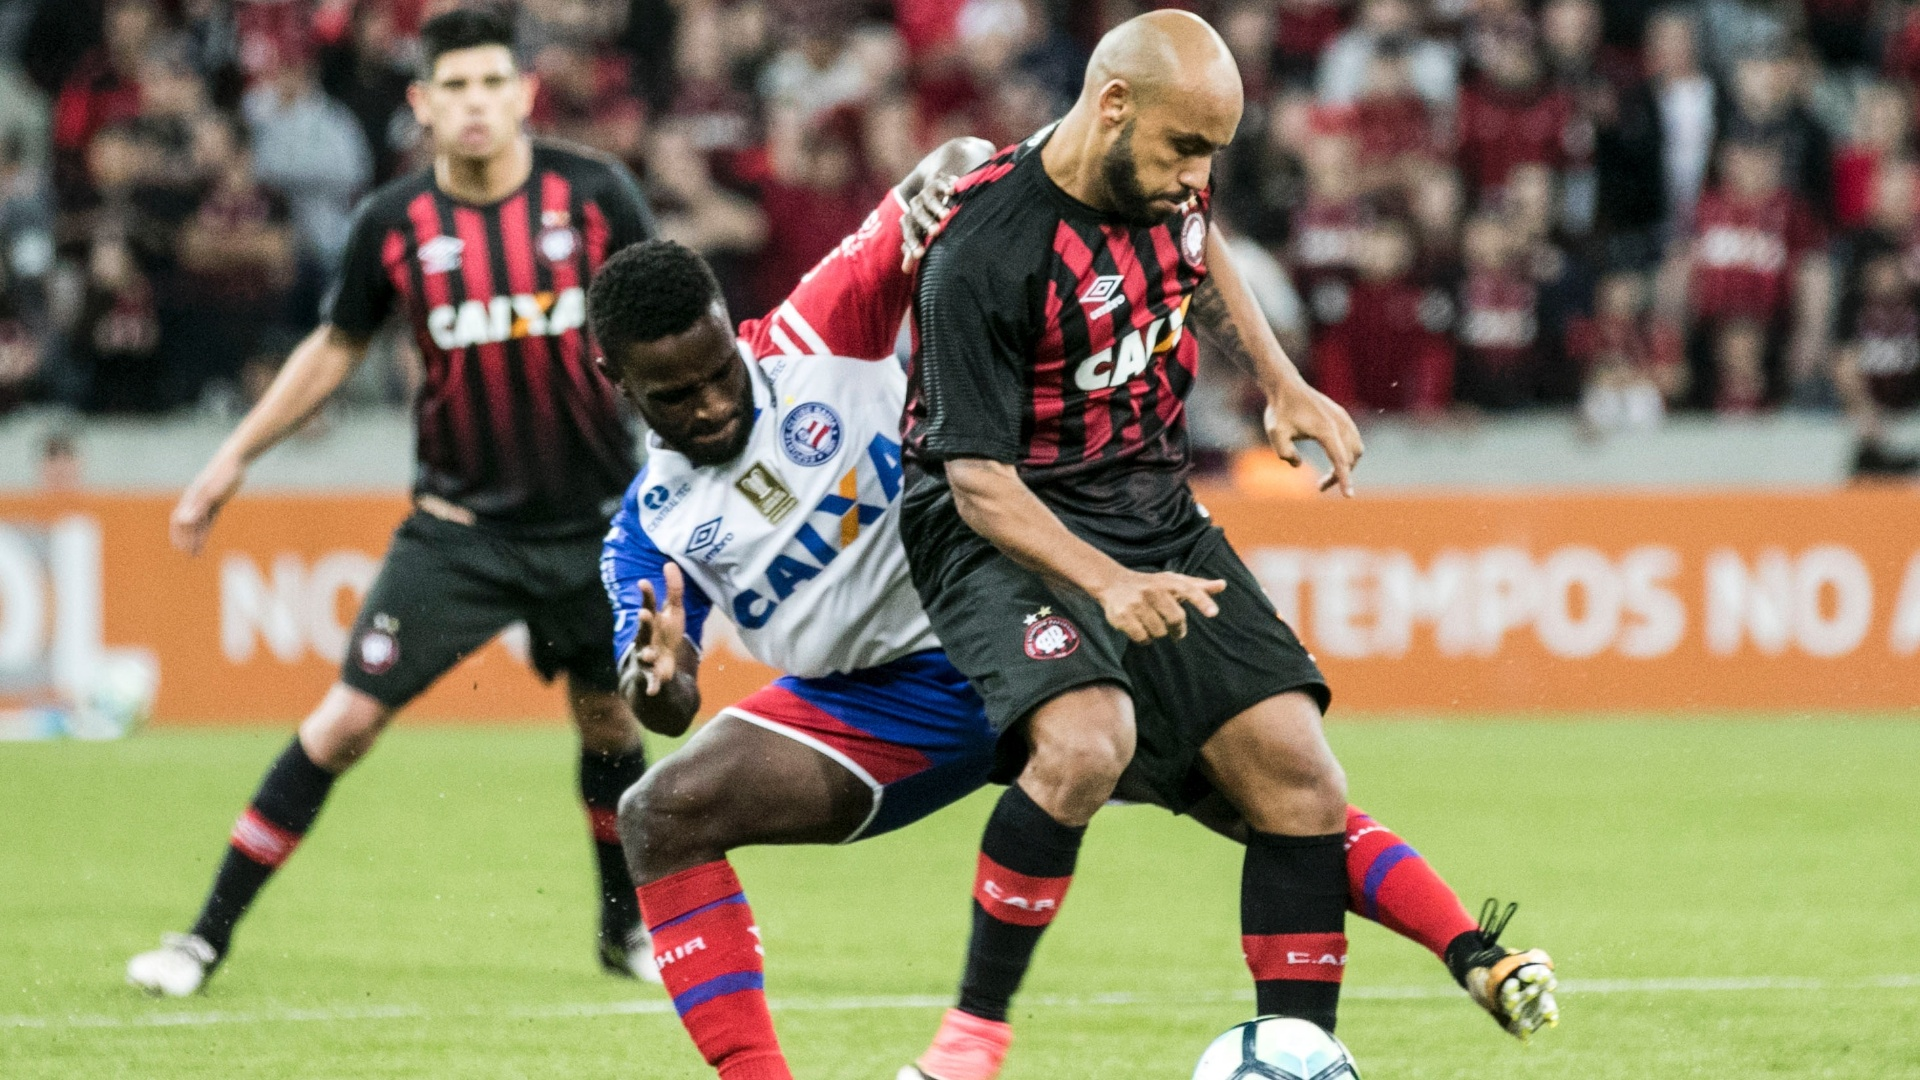 Jonathan e Mendoza disputam bola em Atlético-PR x Bahia